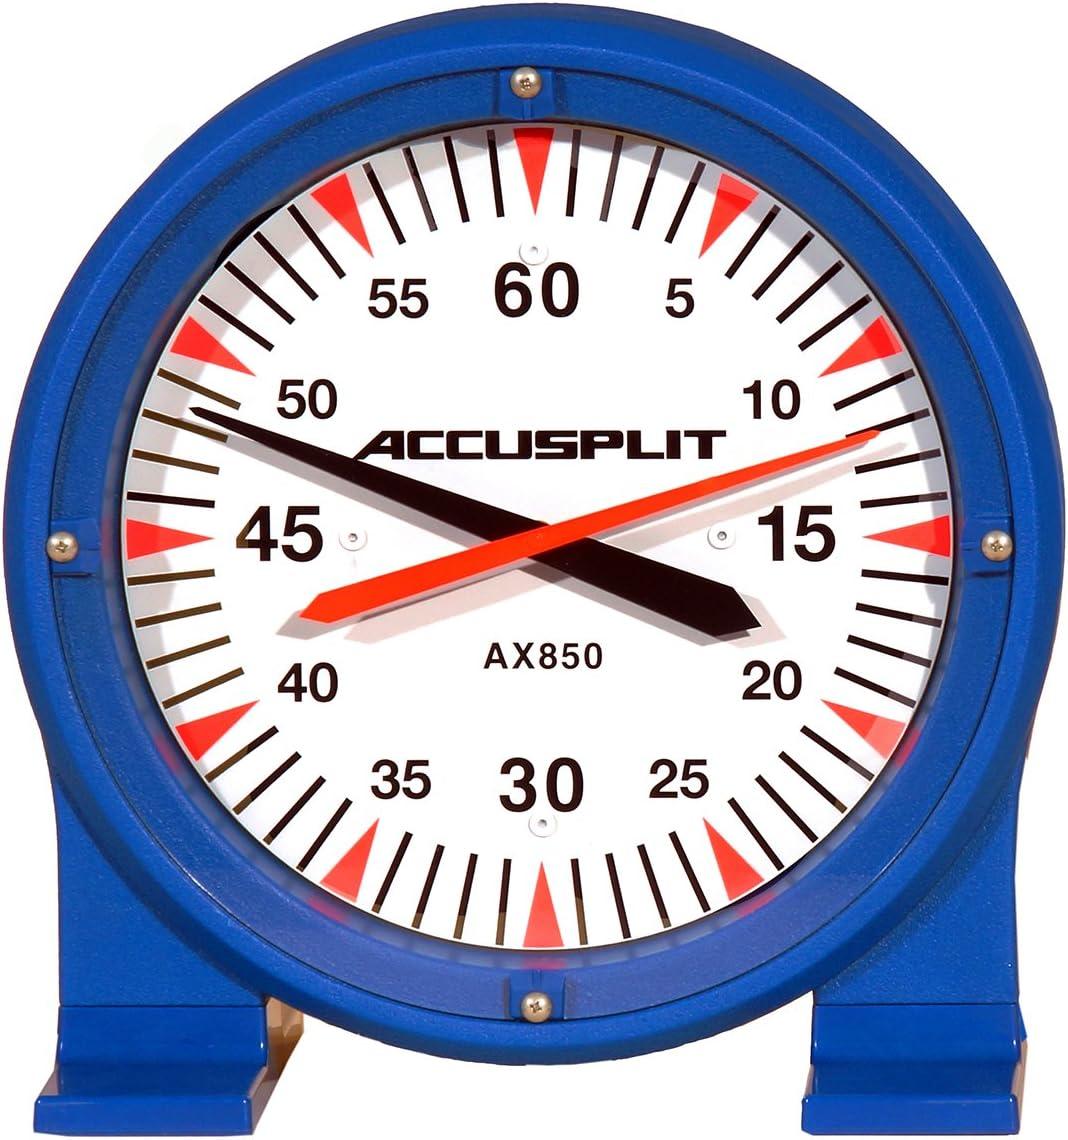 Amazon.com: AccuSplit AX850 Lane temporizador/Ritmo Reloj ...